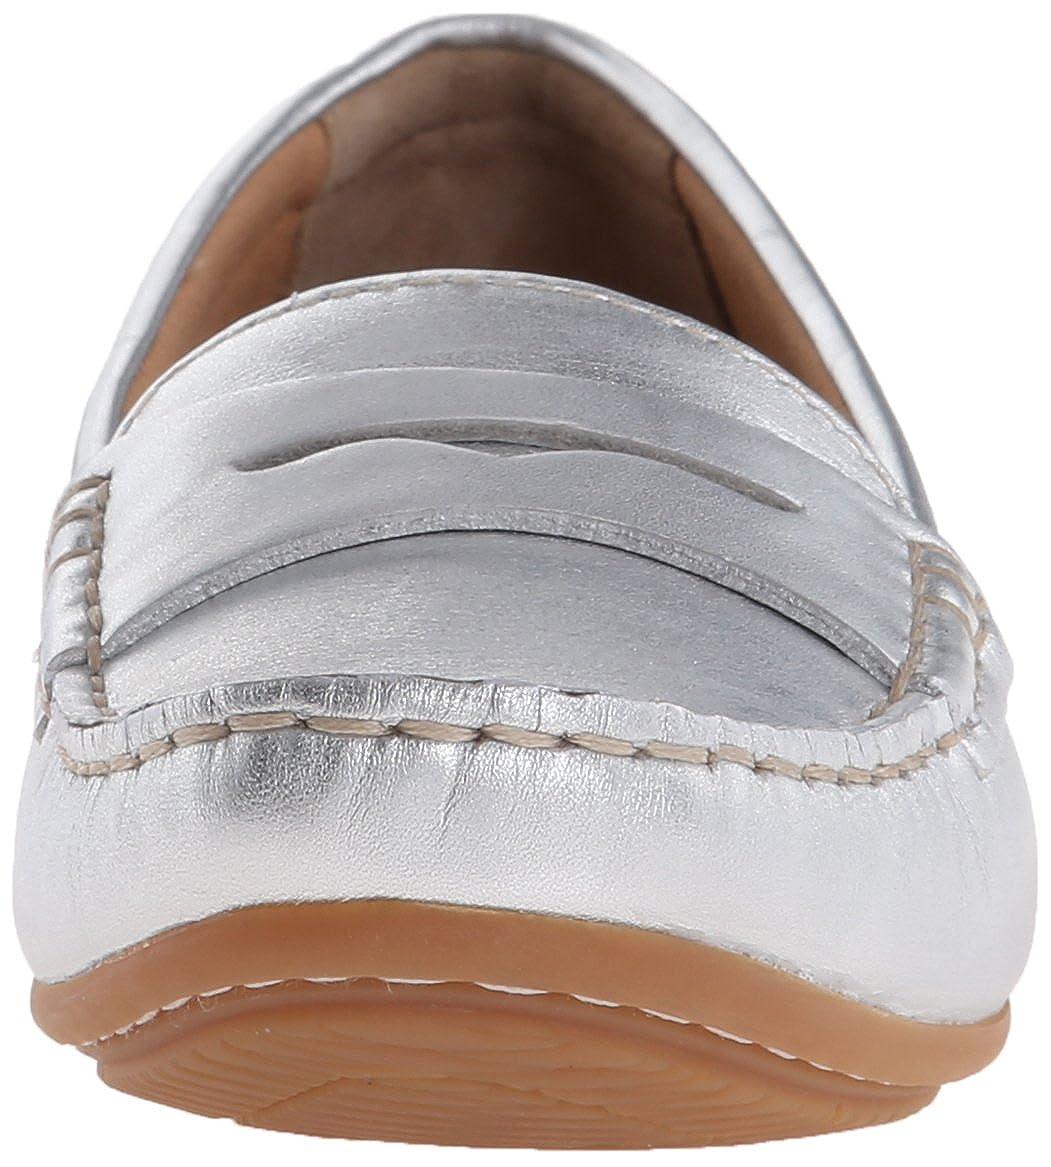 Clarks Womens Doraville Nest Slip-On Loafer